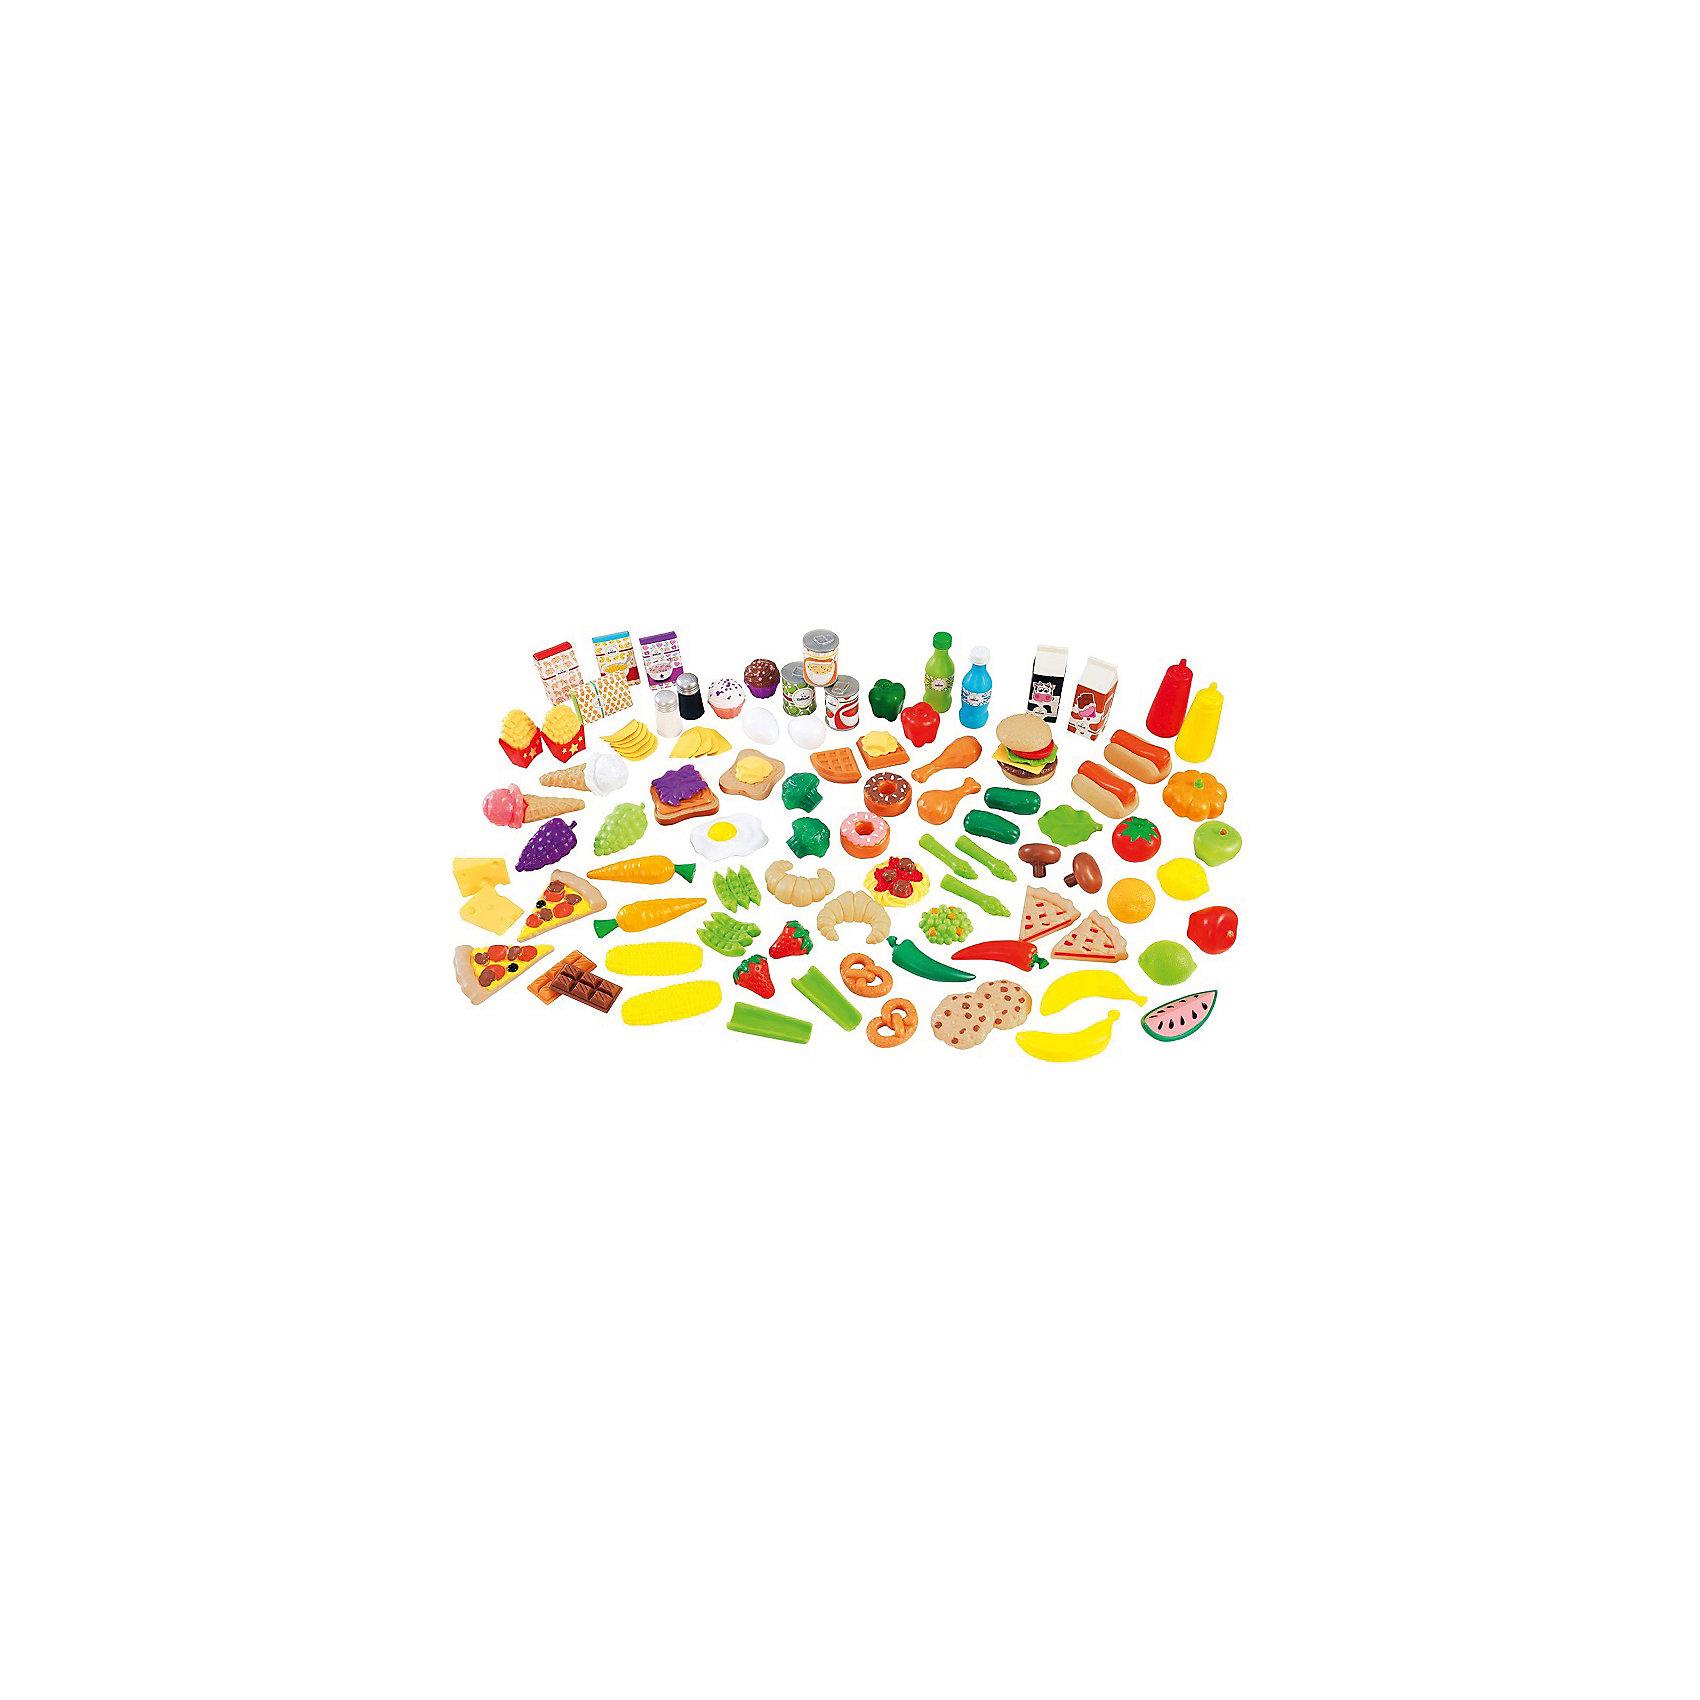 Набор еды Вкусное удовольствие, 115 элементов, KidKraftНабор еды Вкусное удовольствие, 115 элементов, KidKraft (КидКрафт).<br><br>Характеристики:<br><br>? Материал: пластик.<br>? Фигурки, имитирующие продукты питания --115 элементов.<br>? Размер упаковки - 33х35х17см.<br>? Вес: 1,2 кг.<br><br>Набор еды Вкусное удовольствие- это набор для игры на детской кухне. Все элементы имитируют настоящие продукты питания. В набор еды Вкусное удовольствие входят: угощения, выпечка - крендельки, пицца, печенье, рогалики и т.д., фрукты, овощи, 2 куриные ножки, гамбургер, 2 сосиски в тесте и т.д., коробочки с едой, банки консервы, 2 рожка с мороженым и многое другое. С таким ассортиментом готовить на детской кухне одно удовольствие!<br><br>Набор еды Вкусное удовольствие, 115 элементов, KidKraft (КидКрафт), можно купить в нашем интернет – магазине.<br><br>Ширина мм: 320<br>Глубина мм: 260<br>Высота мм: 170<br>Вес г: 1200<br>Возраст от месяцев: 36<br>Возраст до месяцев: 120<br>Пол: Женский<br>Возраст: Детский<br>SKU: 5044992